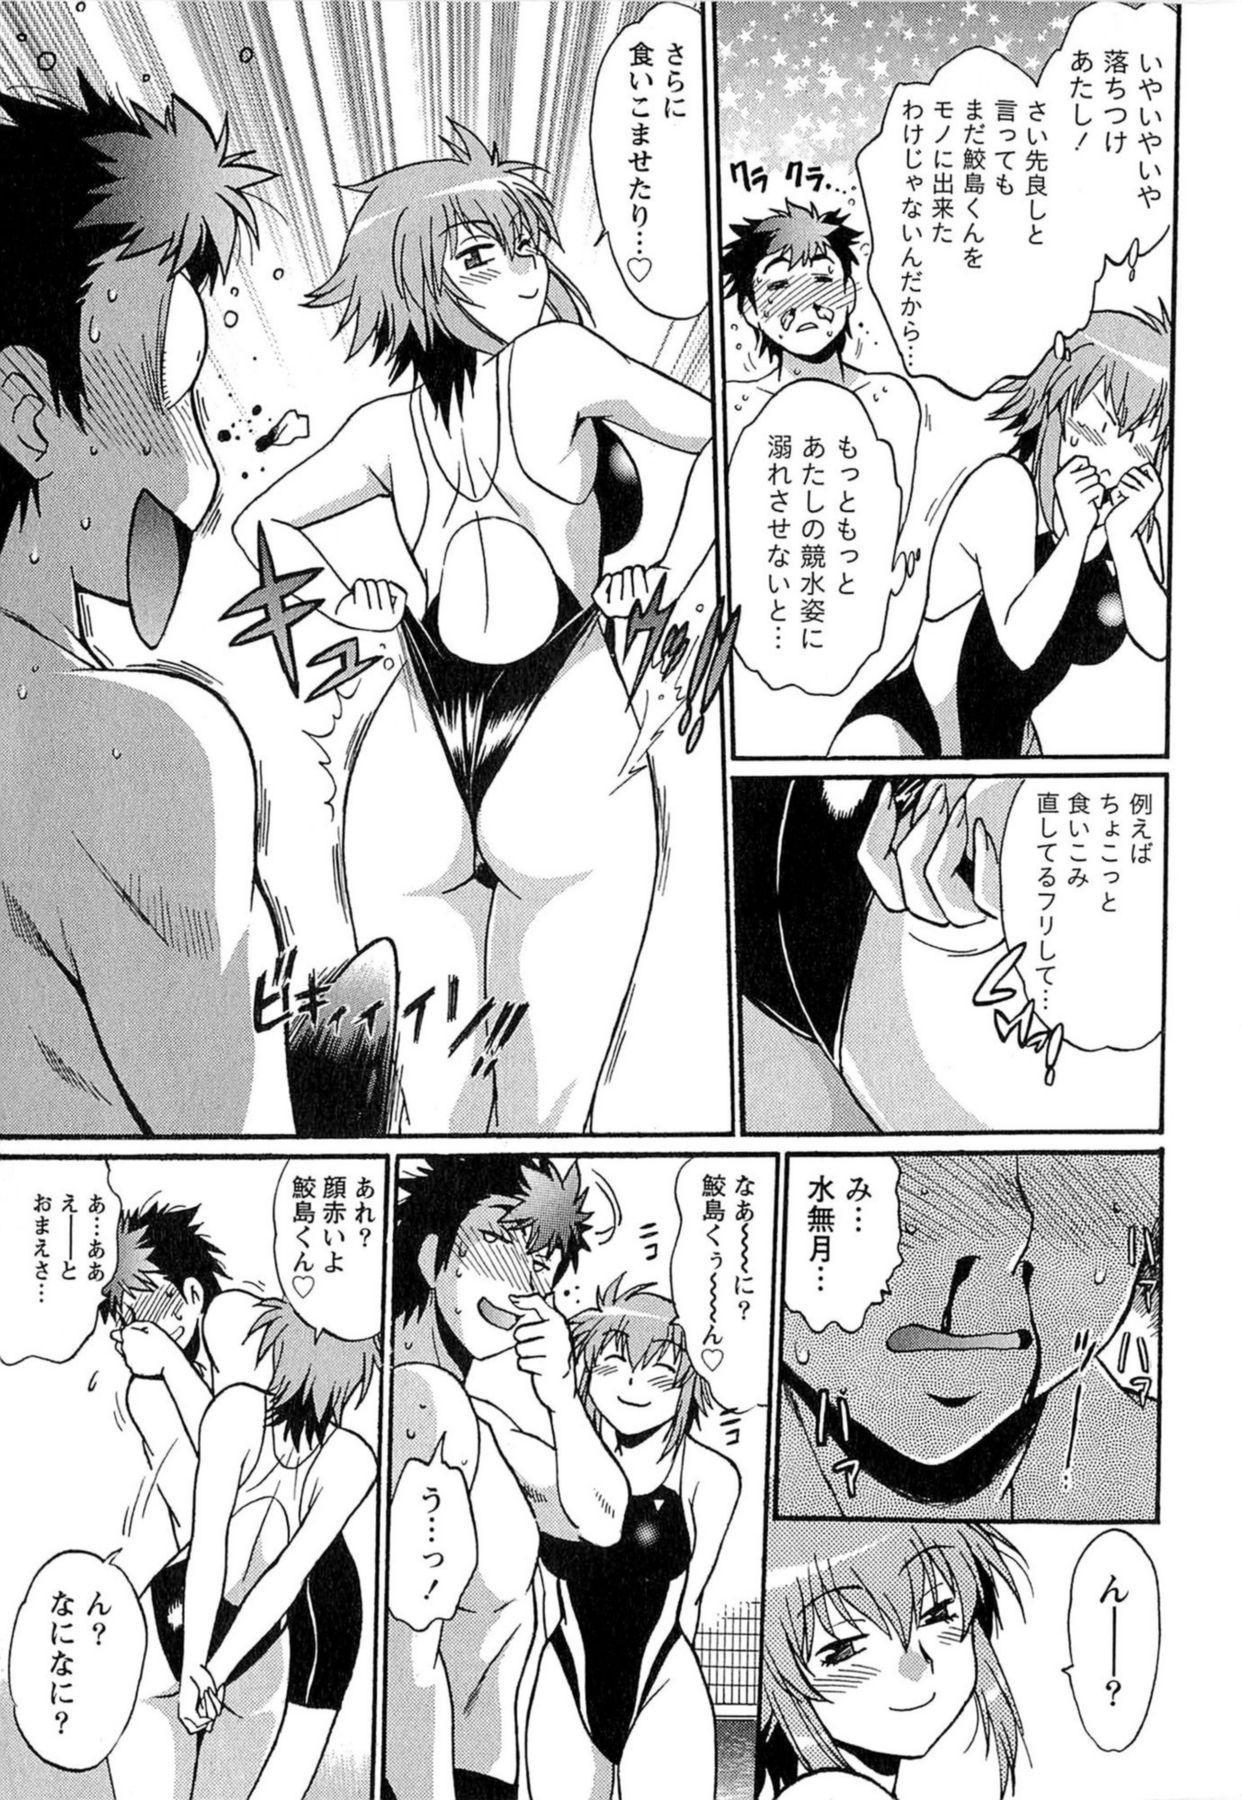 Kuikomi wo Naoshiteru Hima wa Nai! Vol. 1 23